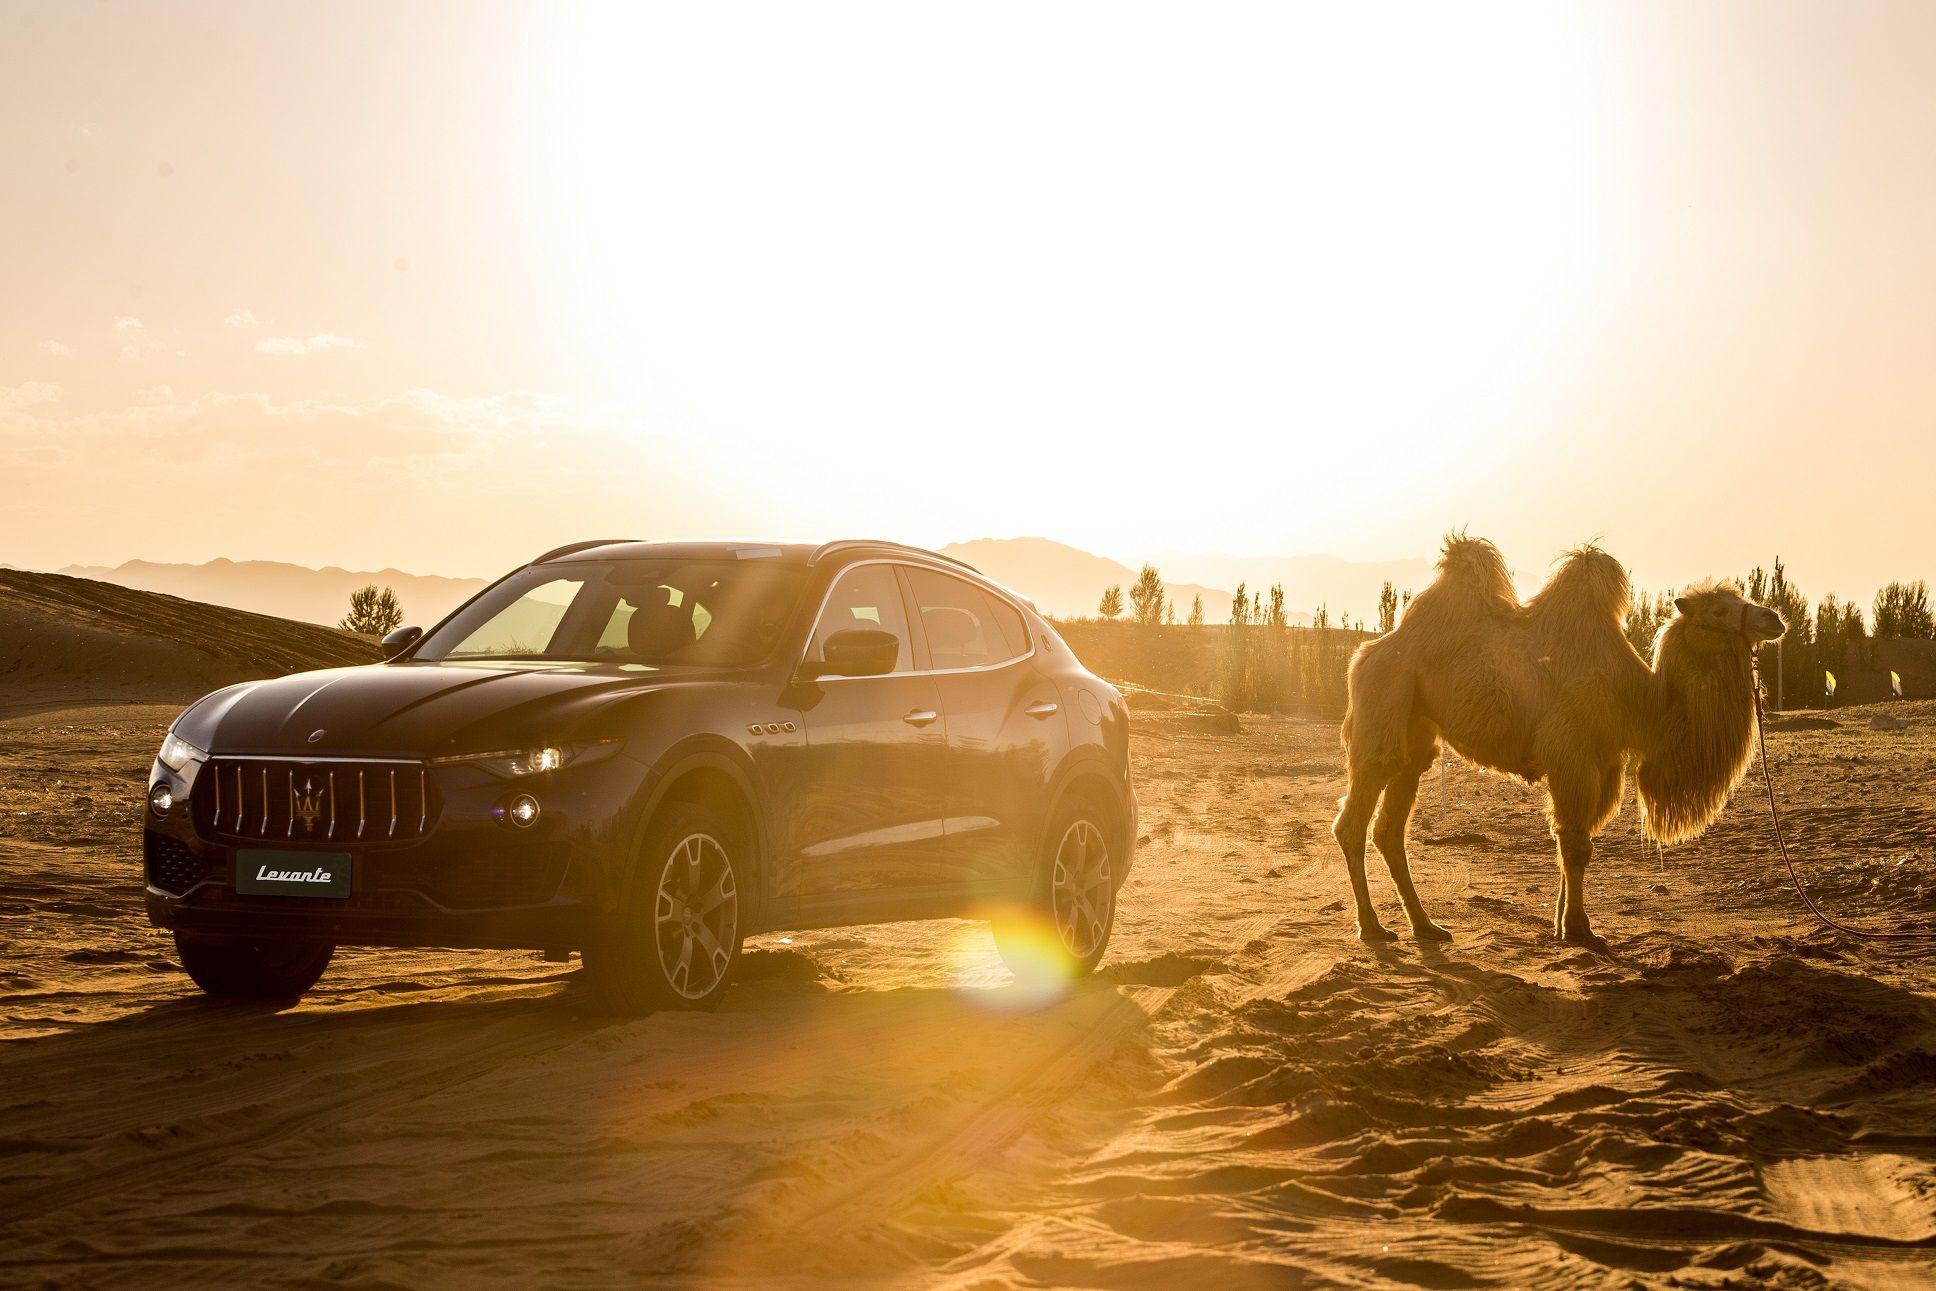 越天漠骋天际,玛莎拉蒂suv越野之旅迎风启行